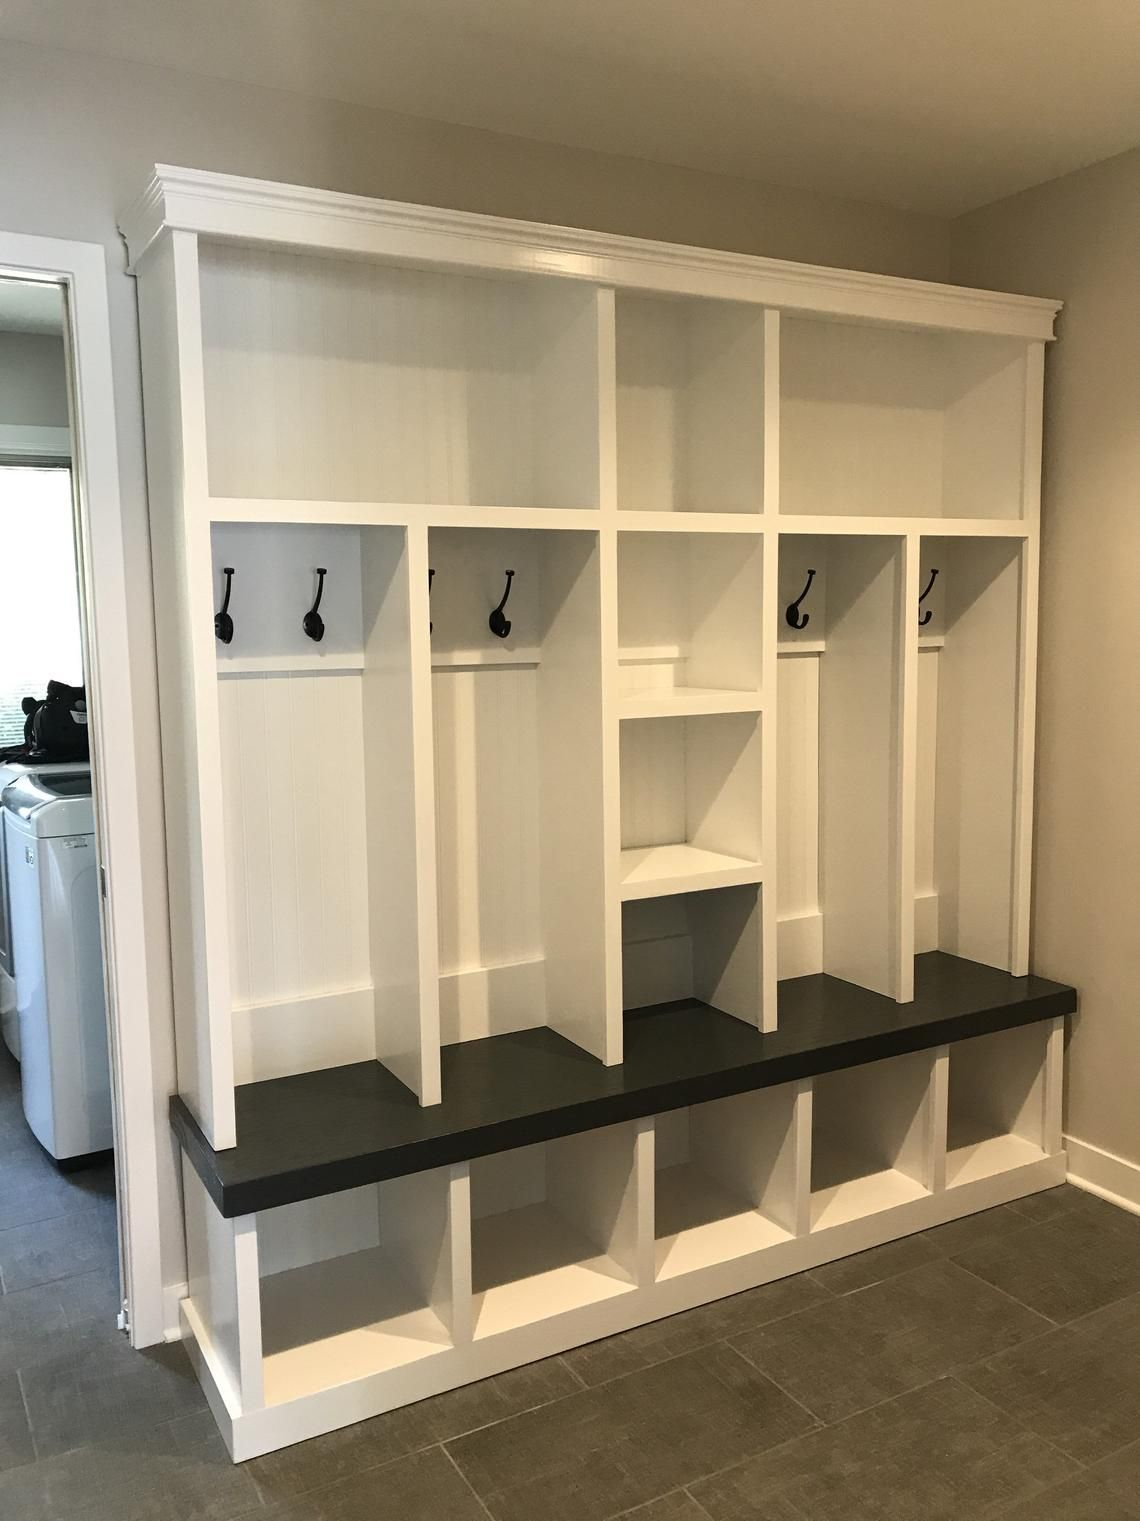 Dieser Artikel Ist Nicht Verfugbar Entryway Bench Storage Entryway Shoe Storage Shoe Storage Bench Entryway